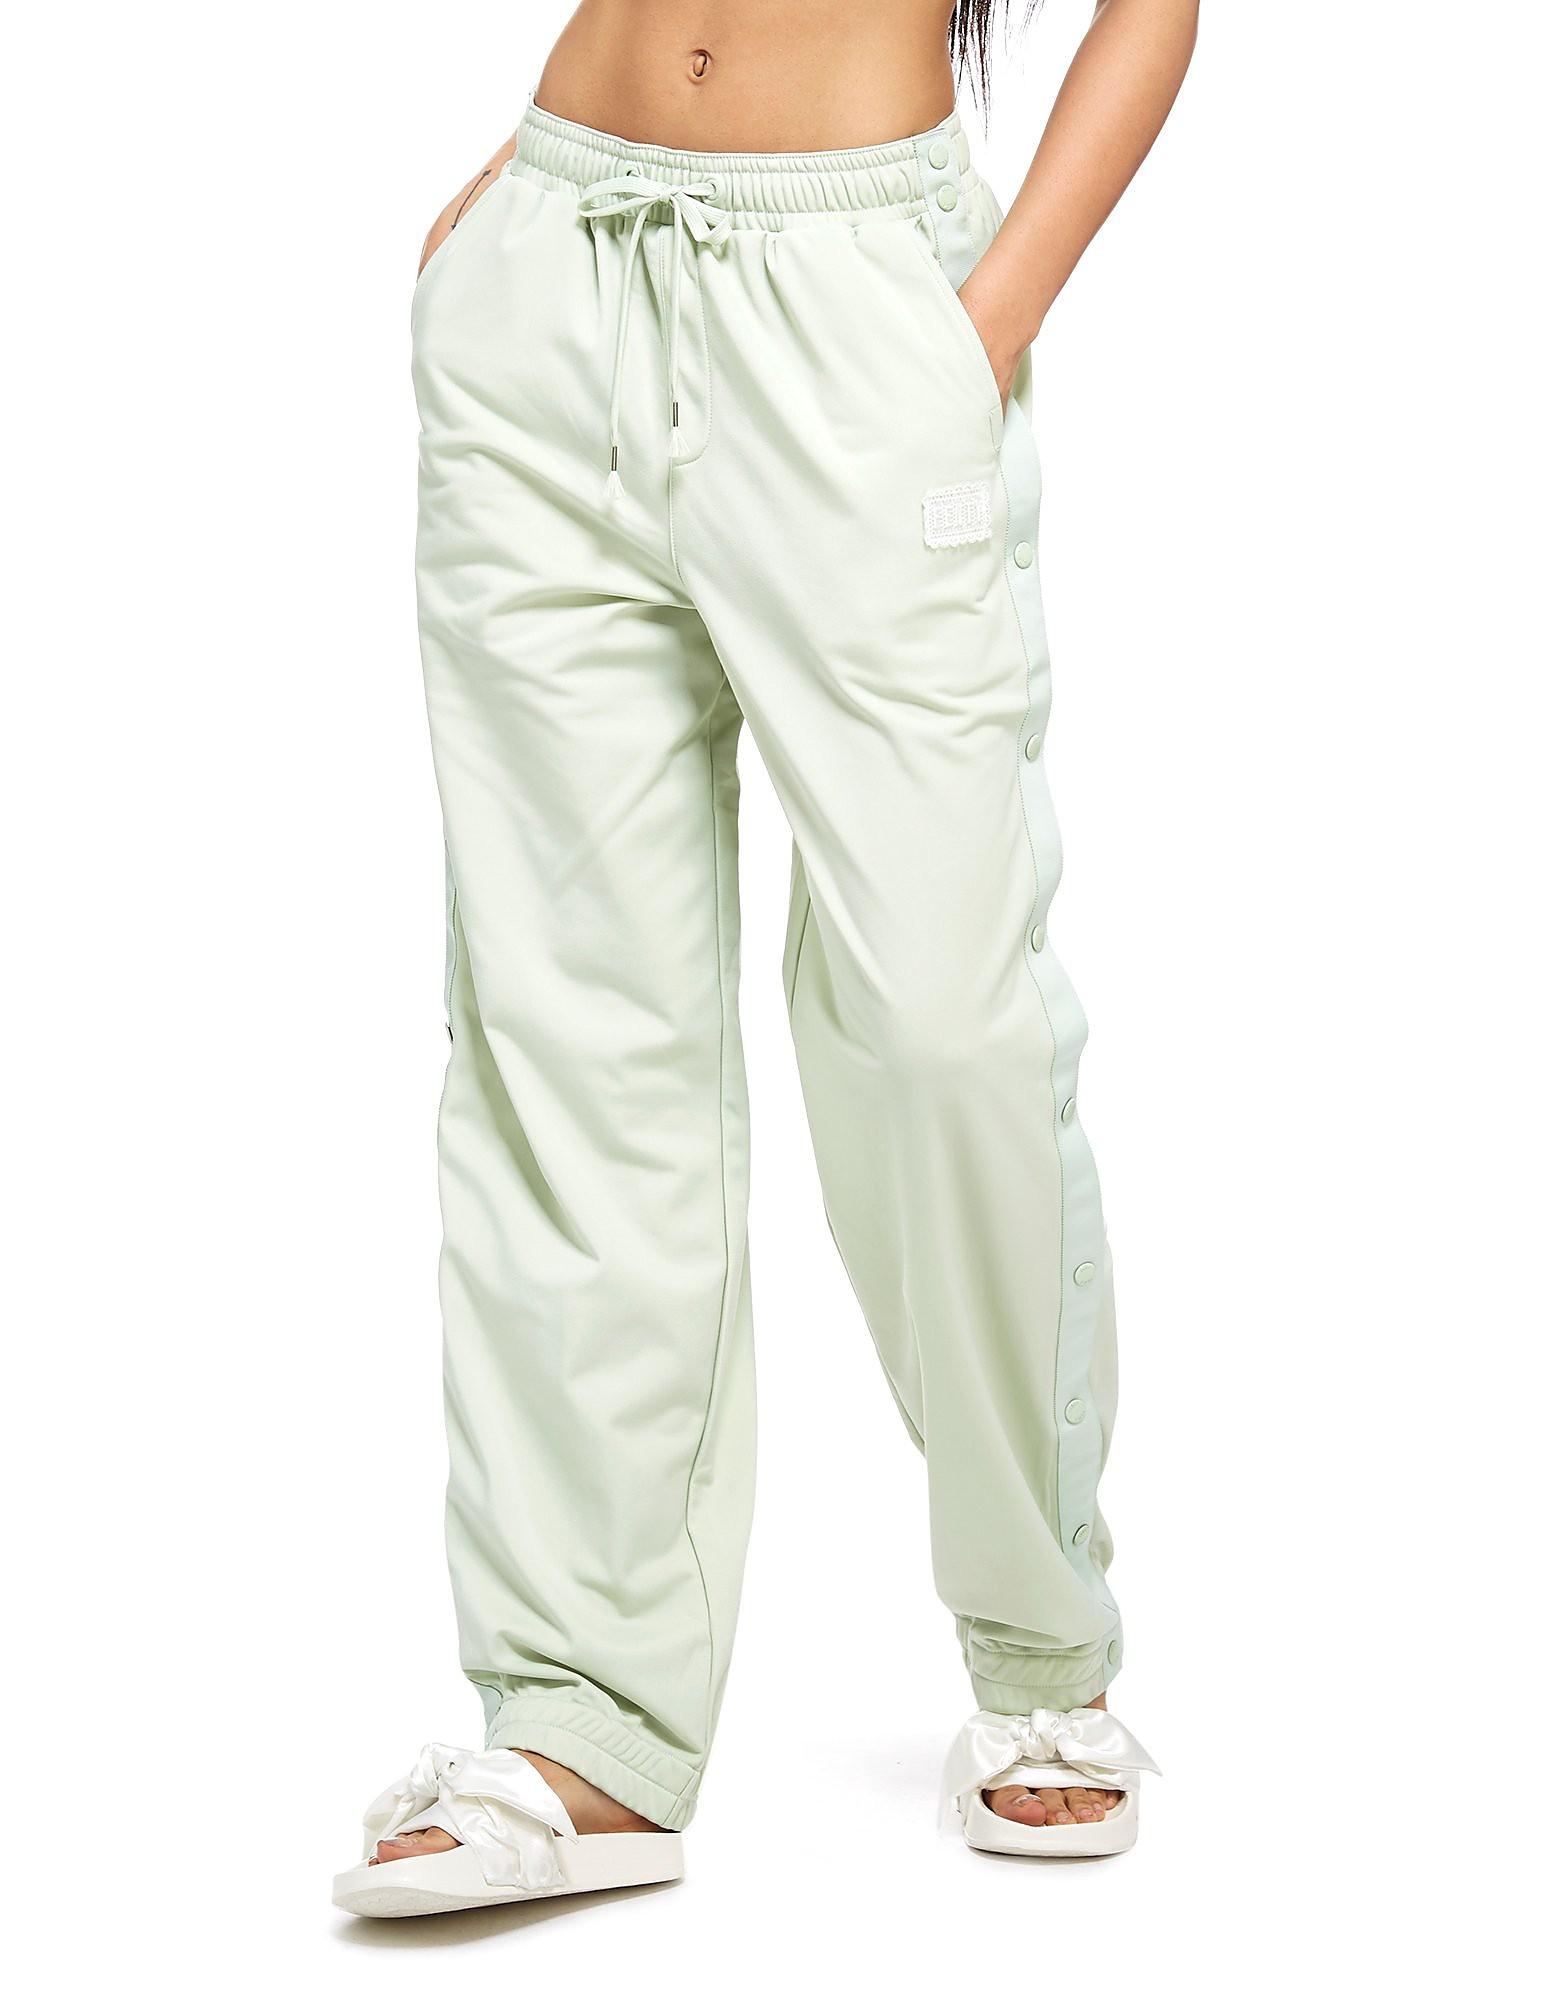 PUMA x Fenty Track Pants